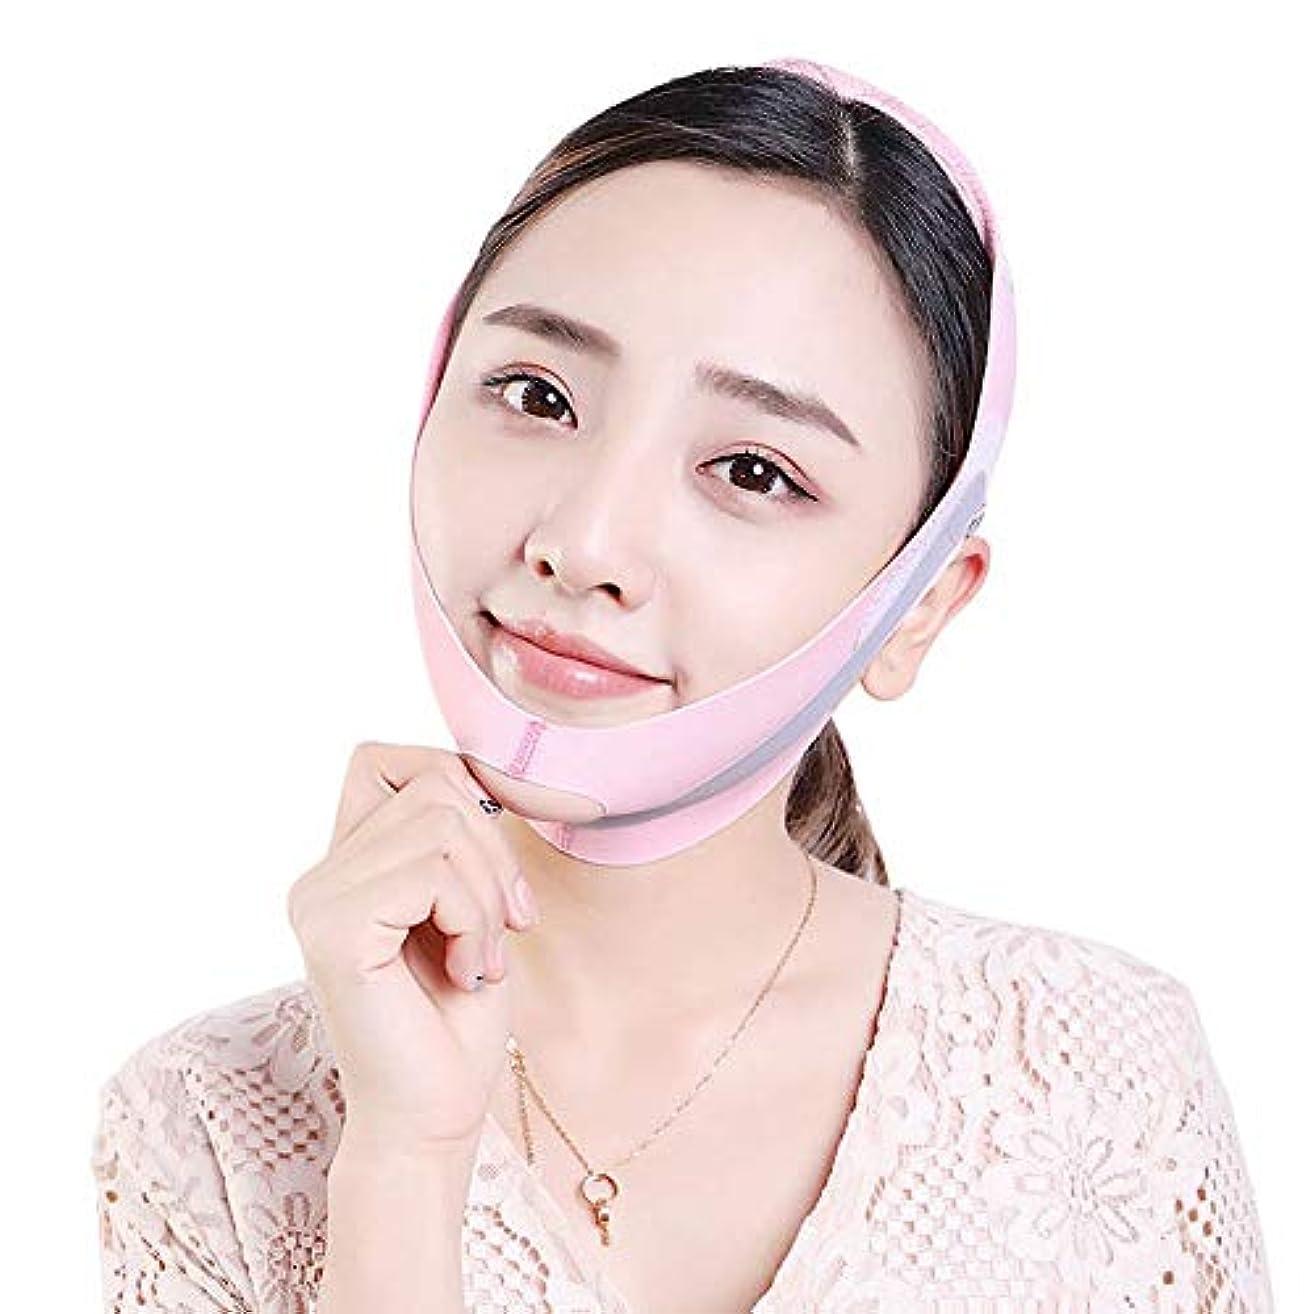 時間落胆させる印象Minmin たるみを防ぐために顔を持ち上げるために筋肉を引き締めるために二重あごのステッカーとラインを削除するために、顔を持ち上げるアーティファクト包帯があります - ピンク みんみんVラインフェイスマスク